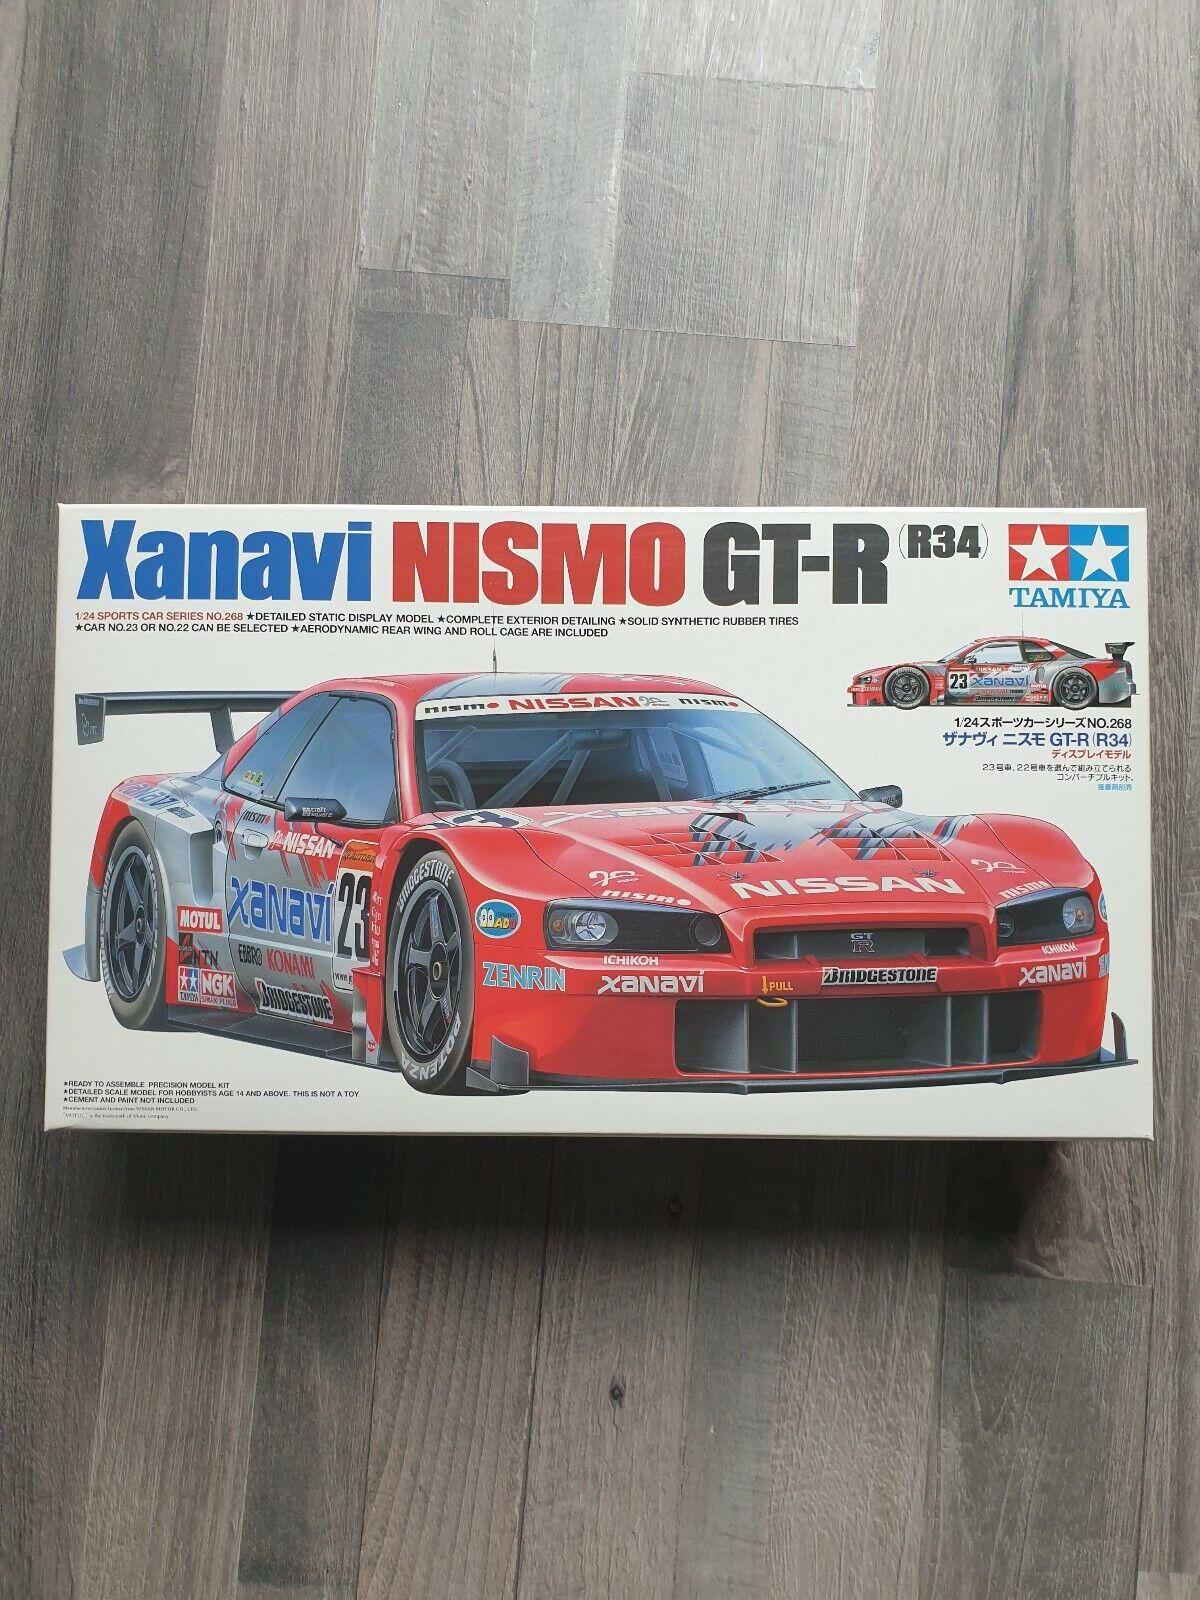 Tamiya Nissan Skyline Xanavi 1 24 1 24 Revell Aoshima Fujimi